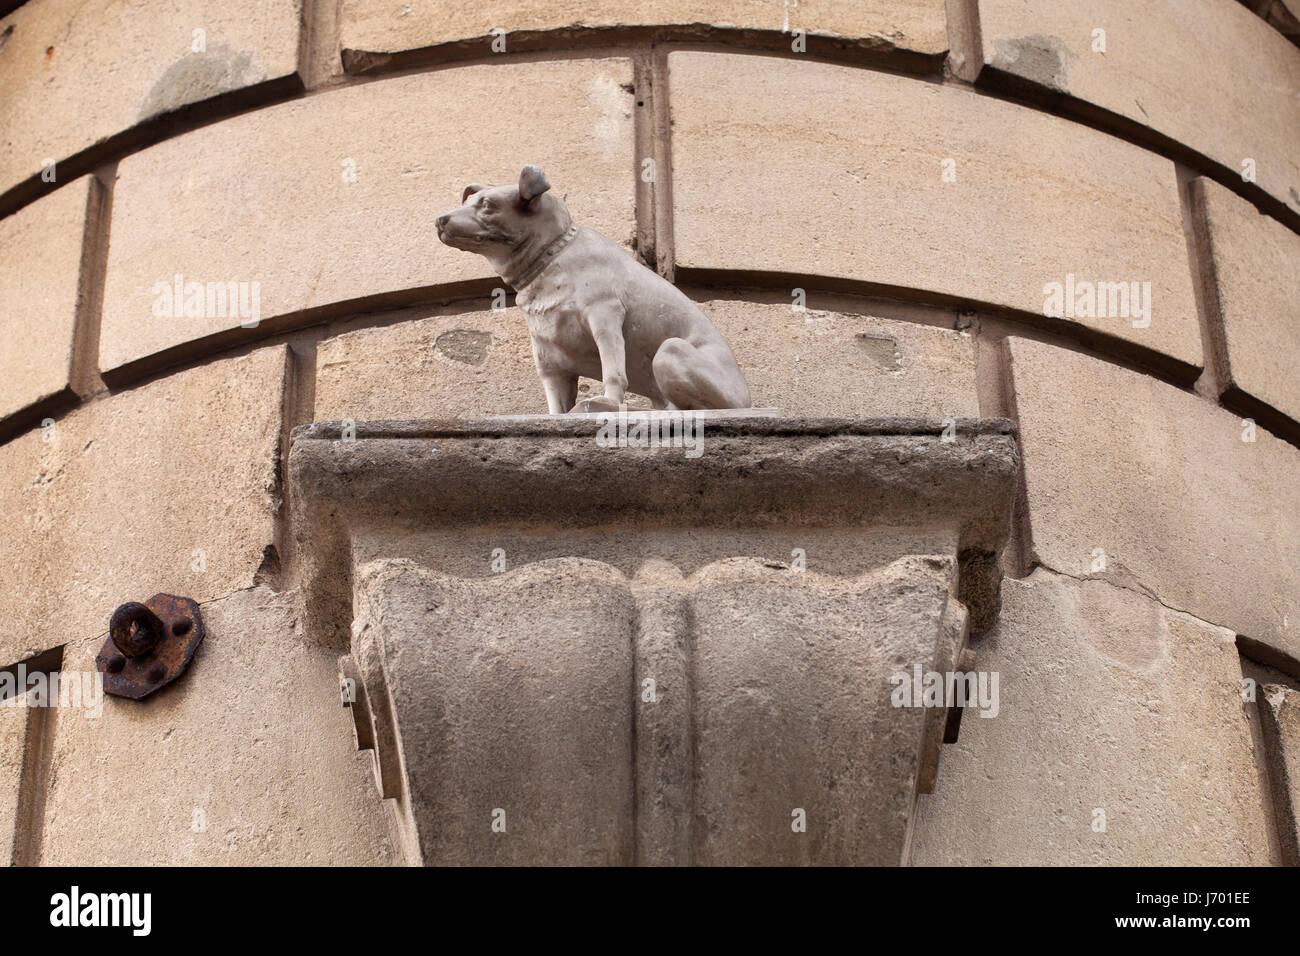 Statue of Nipper, the HMV (His Masters Voice) dog, born in Bristol. - Stock Image